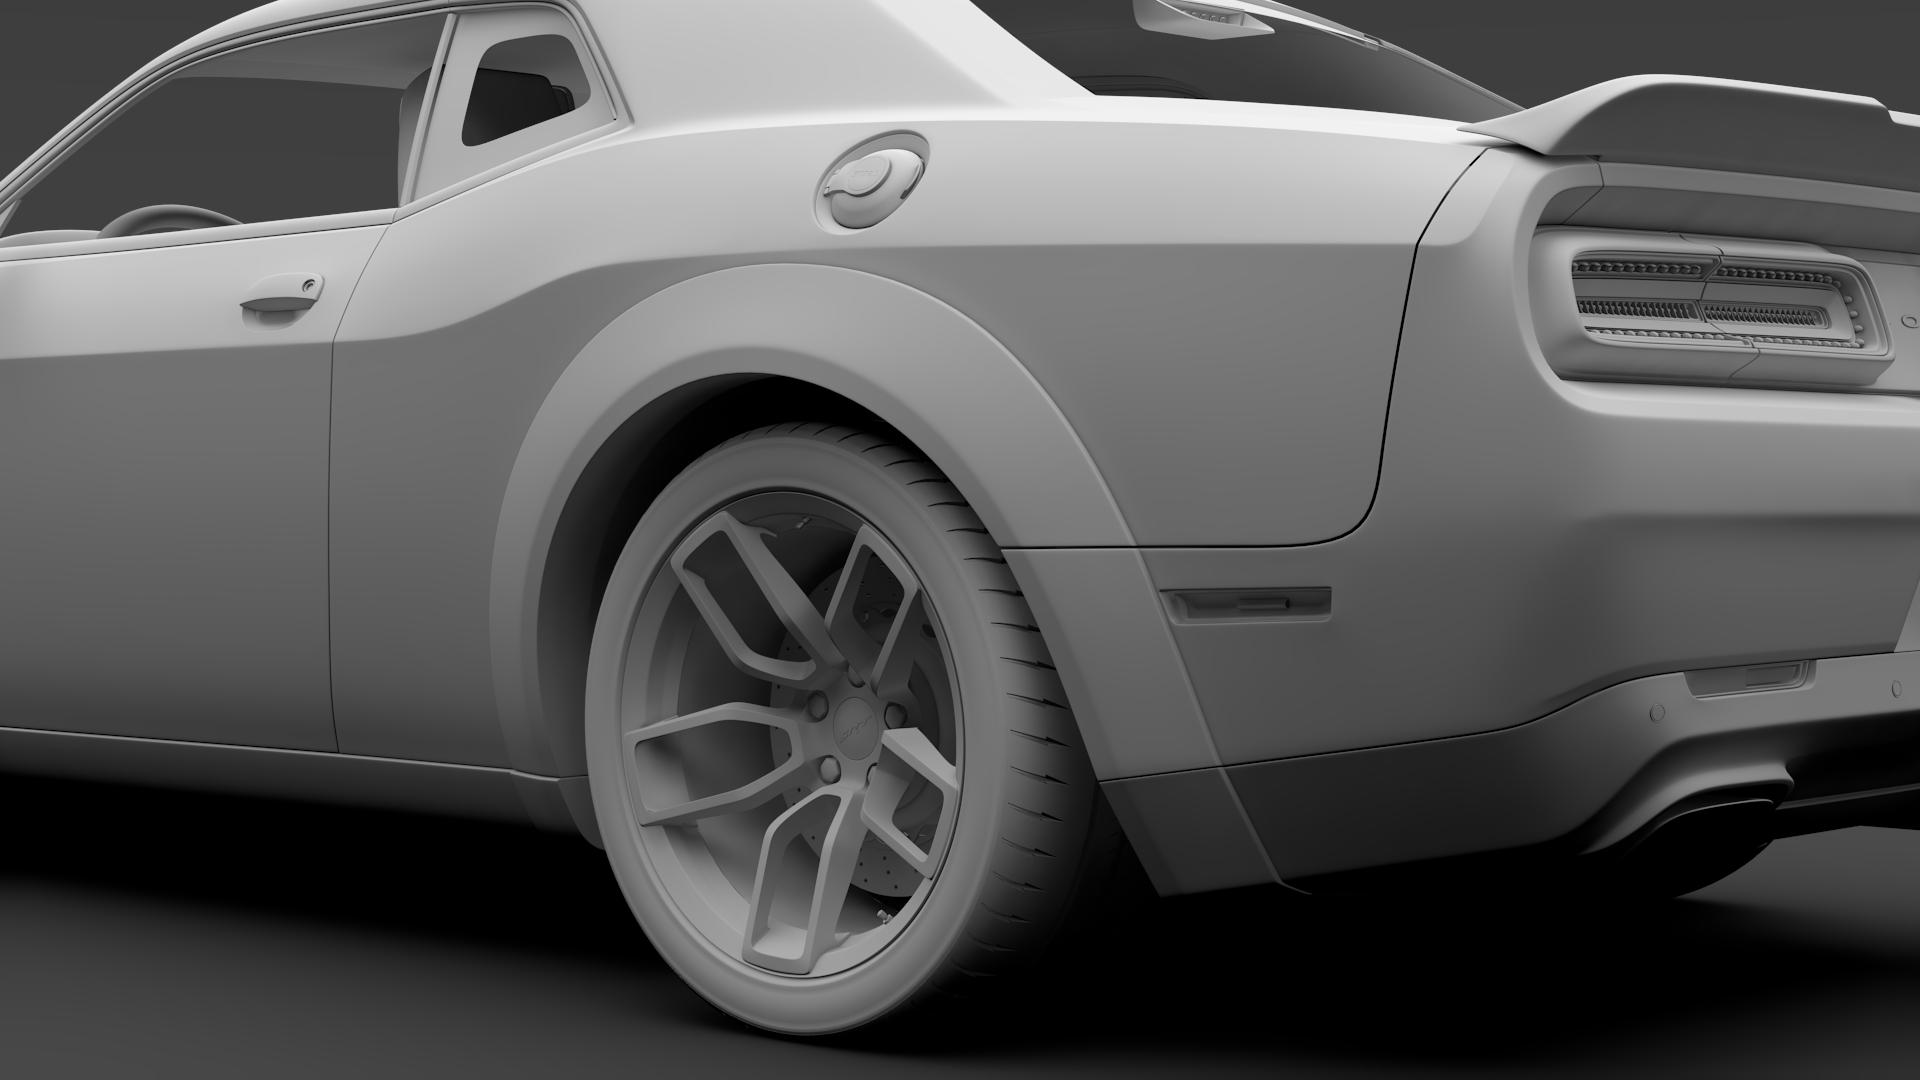 Dodge Challenger Srt Hellcat Widebody 2018 By Creator 3d 3docean